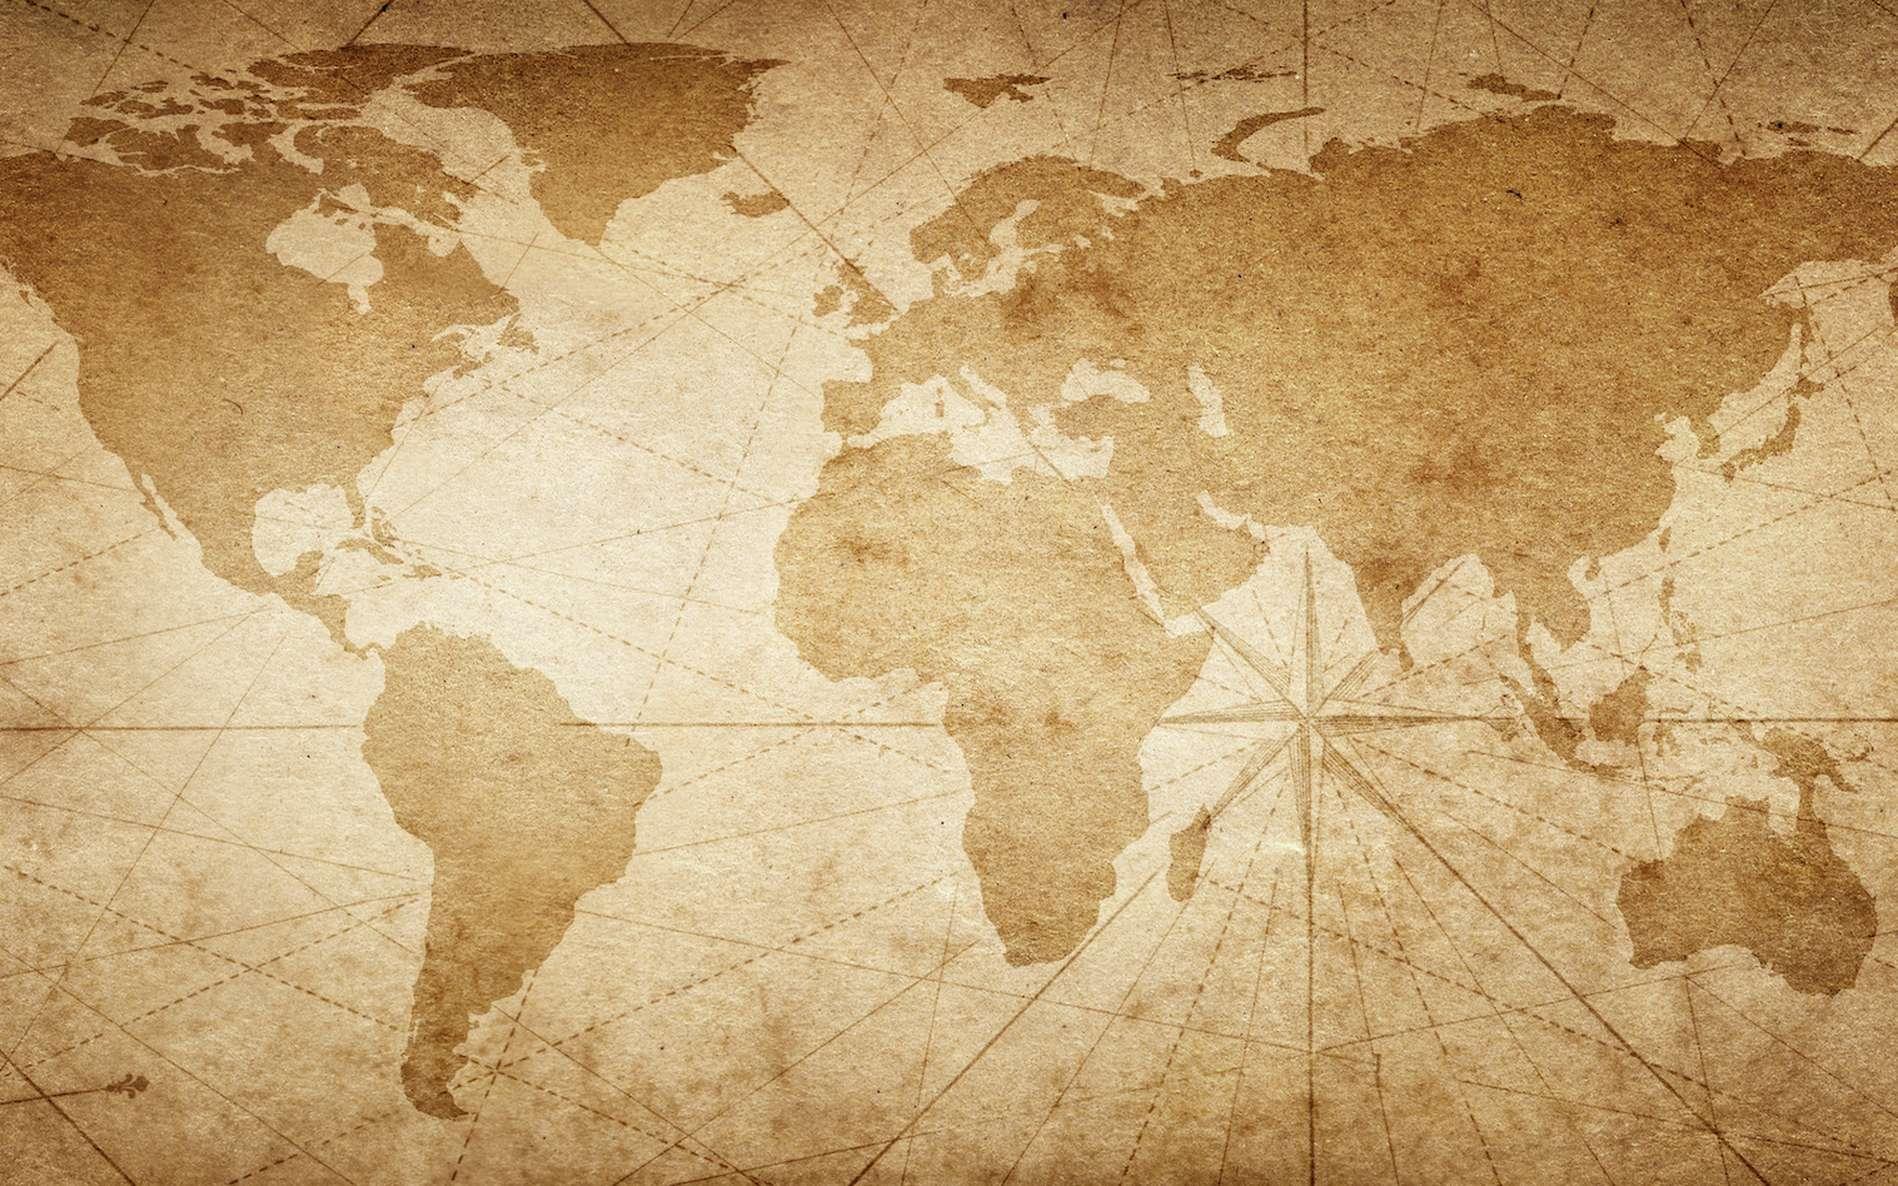 Ceci est la carte du monde la plus réaliste jamais établie - Futura